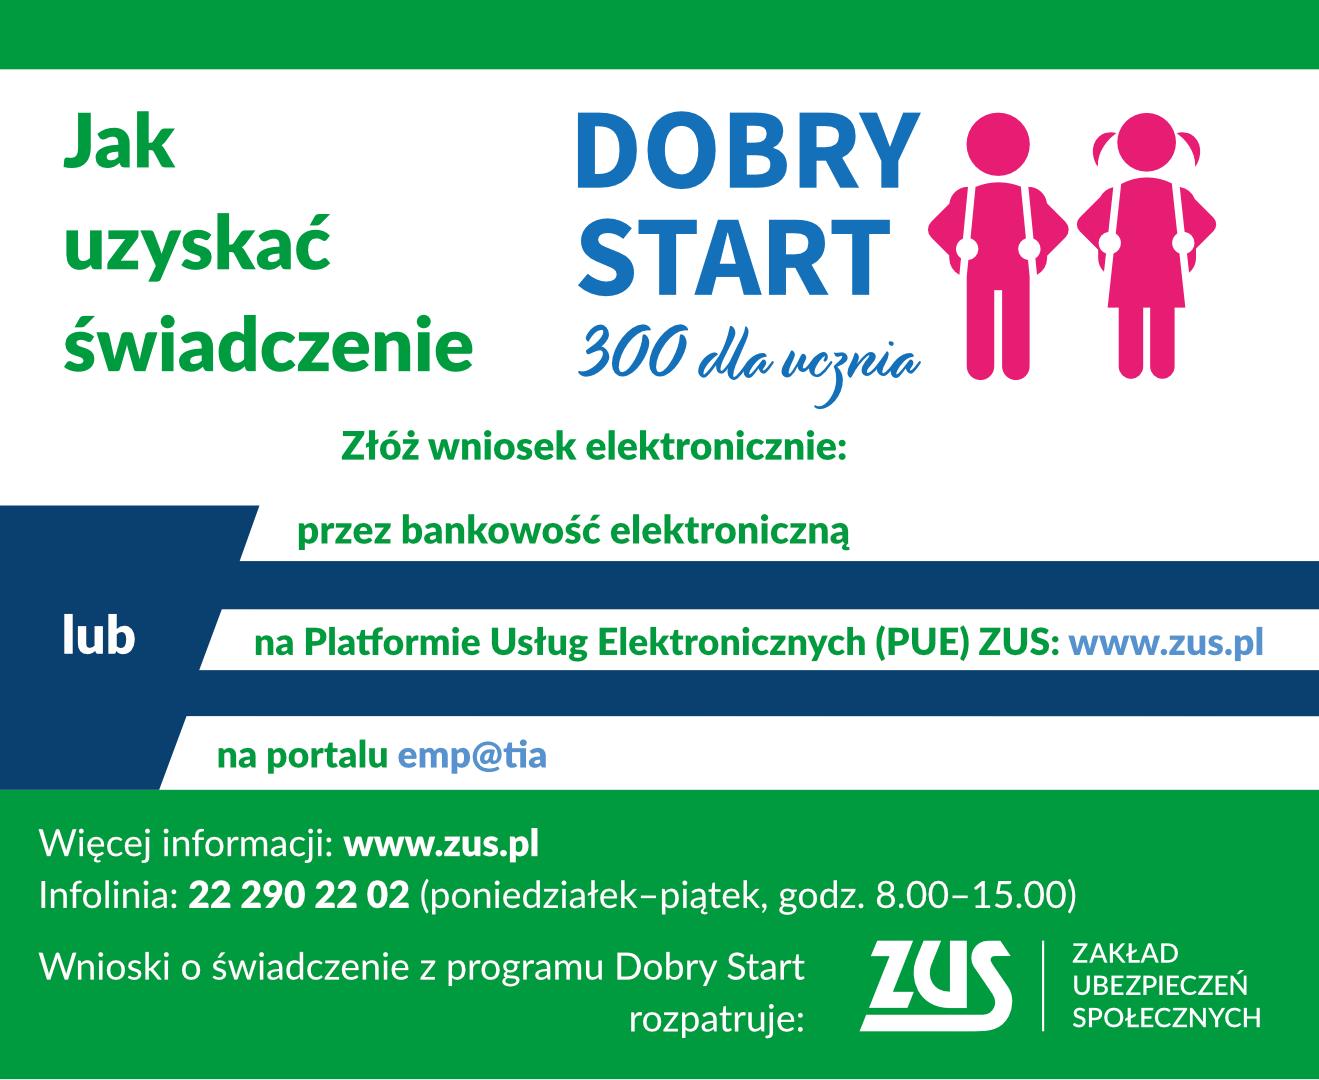 Dobry start infografika - link do zus.pl